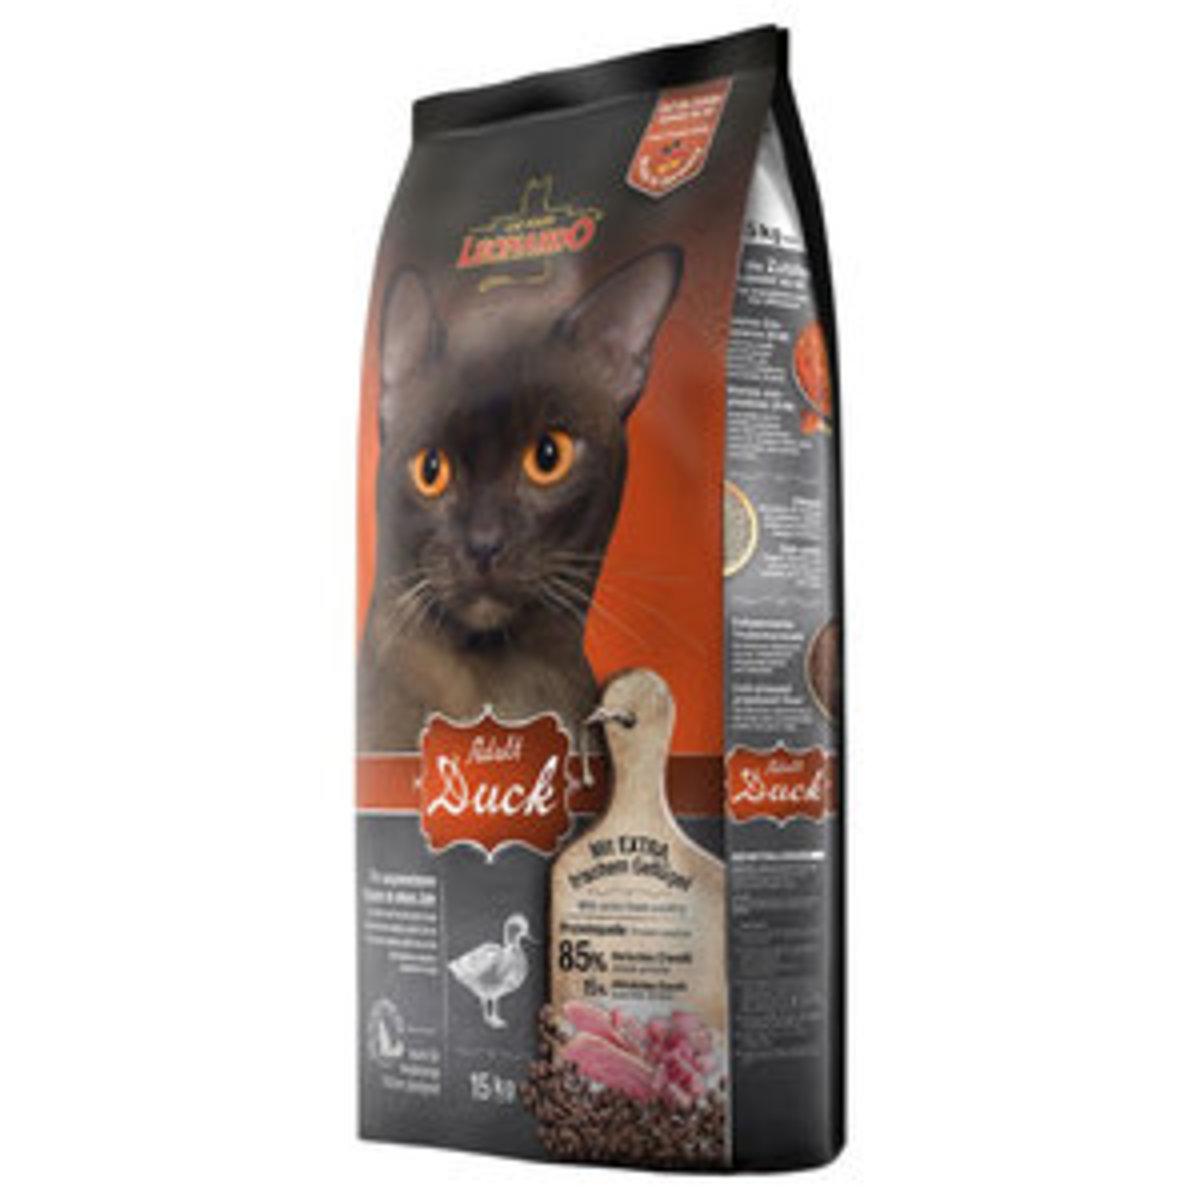 成貓天然鴨肉配方糧 7.5kg